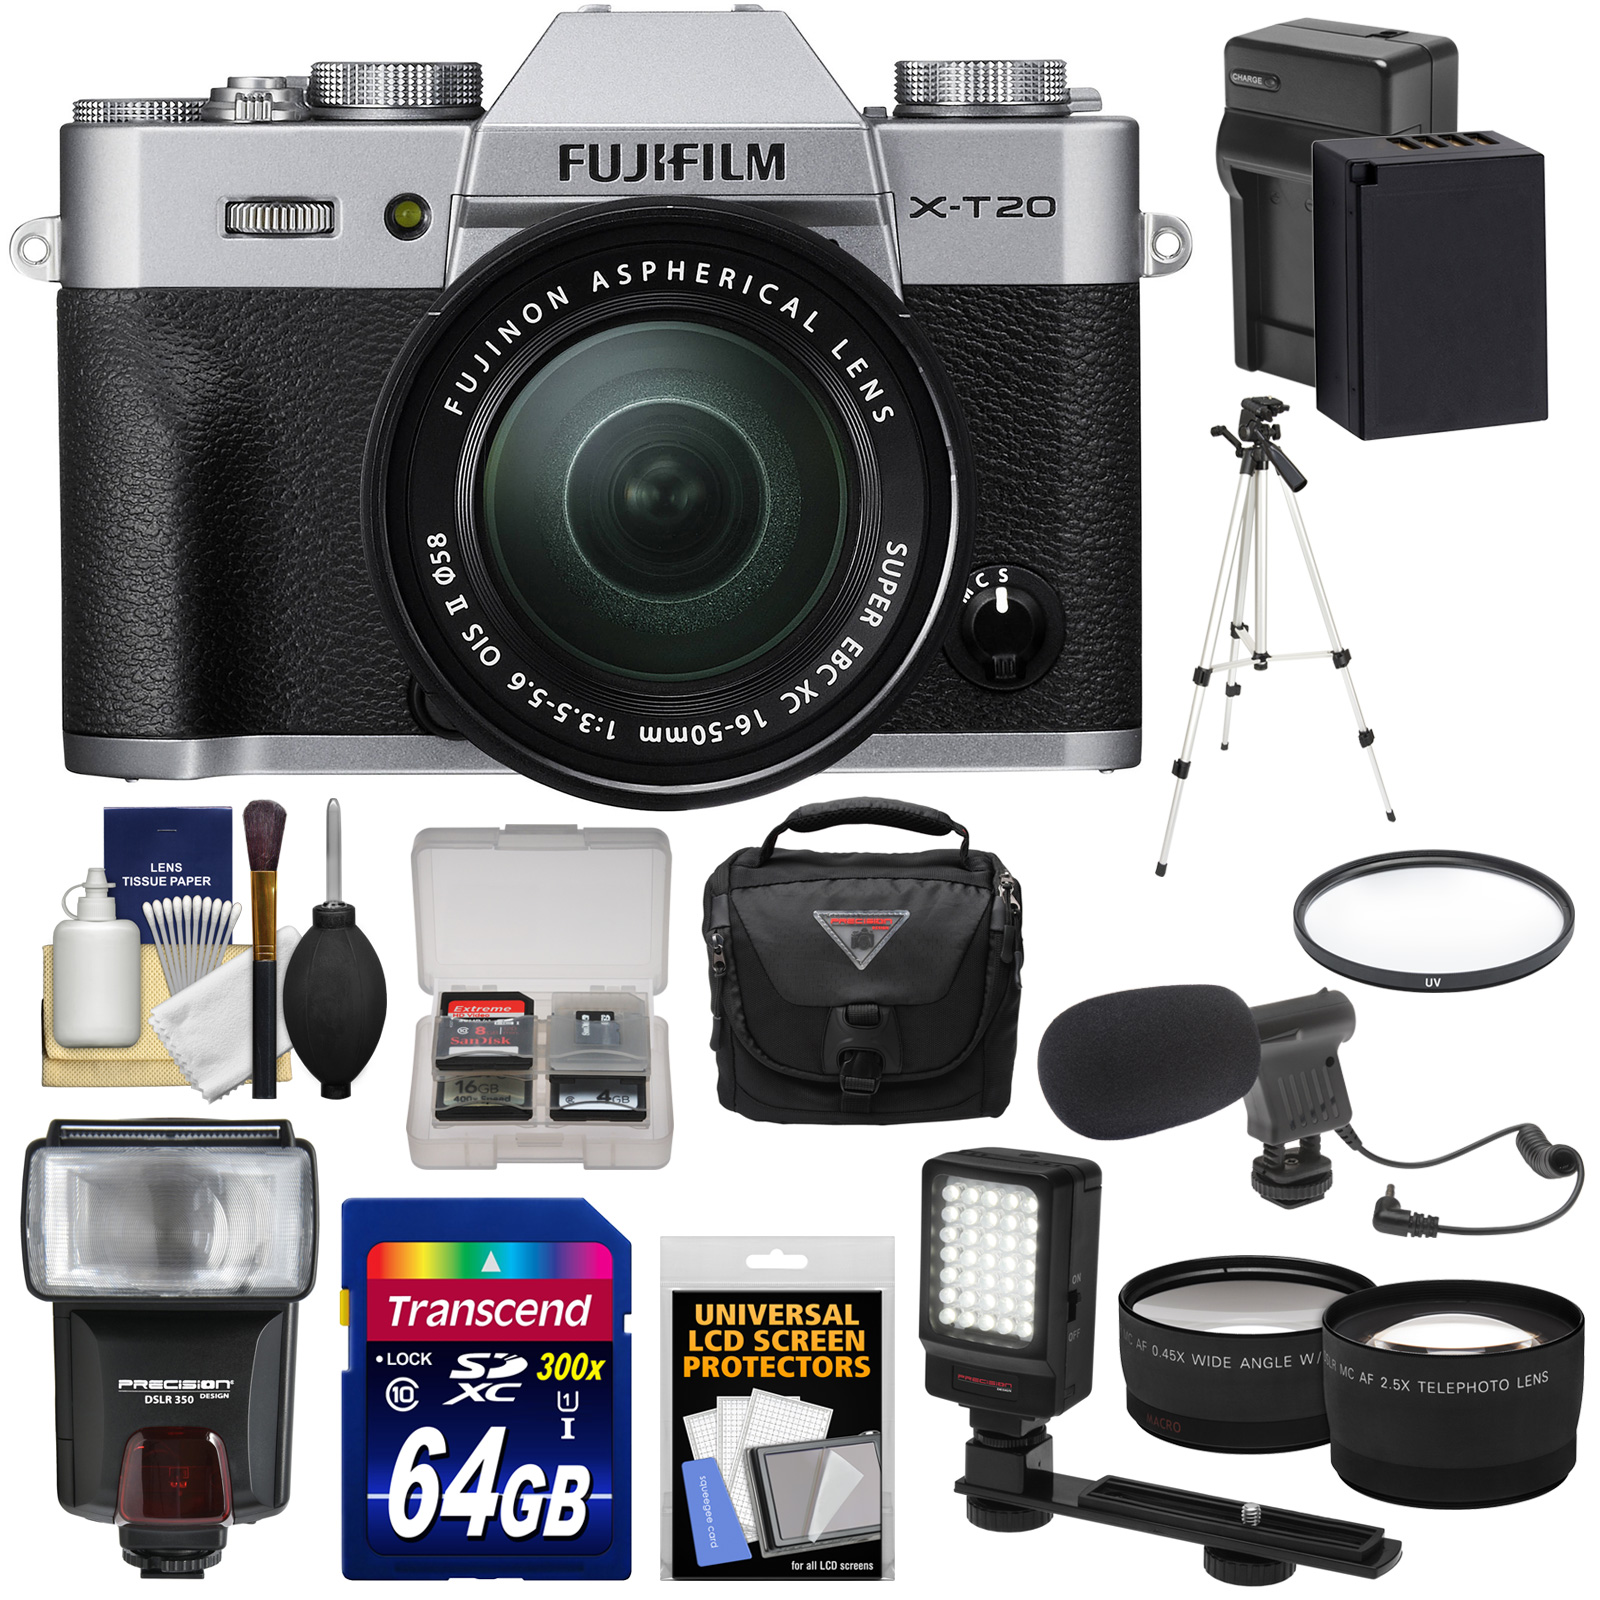 FujiFilm X-T20 Wi-Fi Digital Camera & 16-50mm XC Lens (Silver) with 64GB Card + Battery + Case + Flash + Tripod + LED +... by Fujifilm